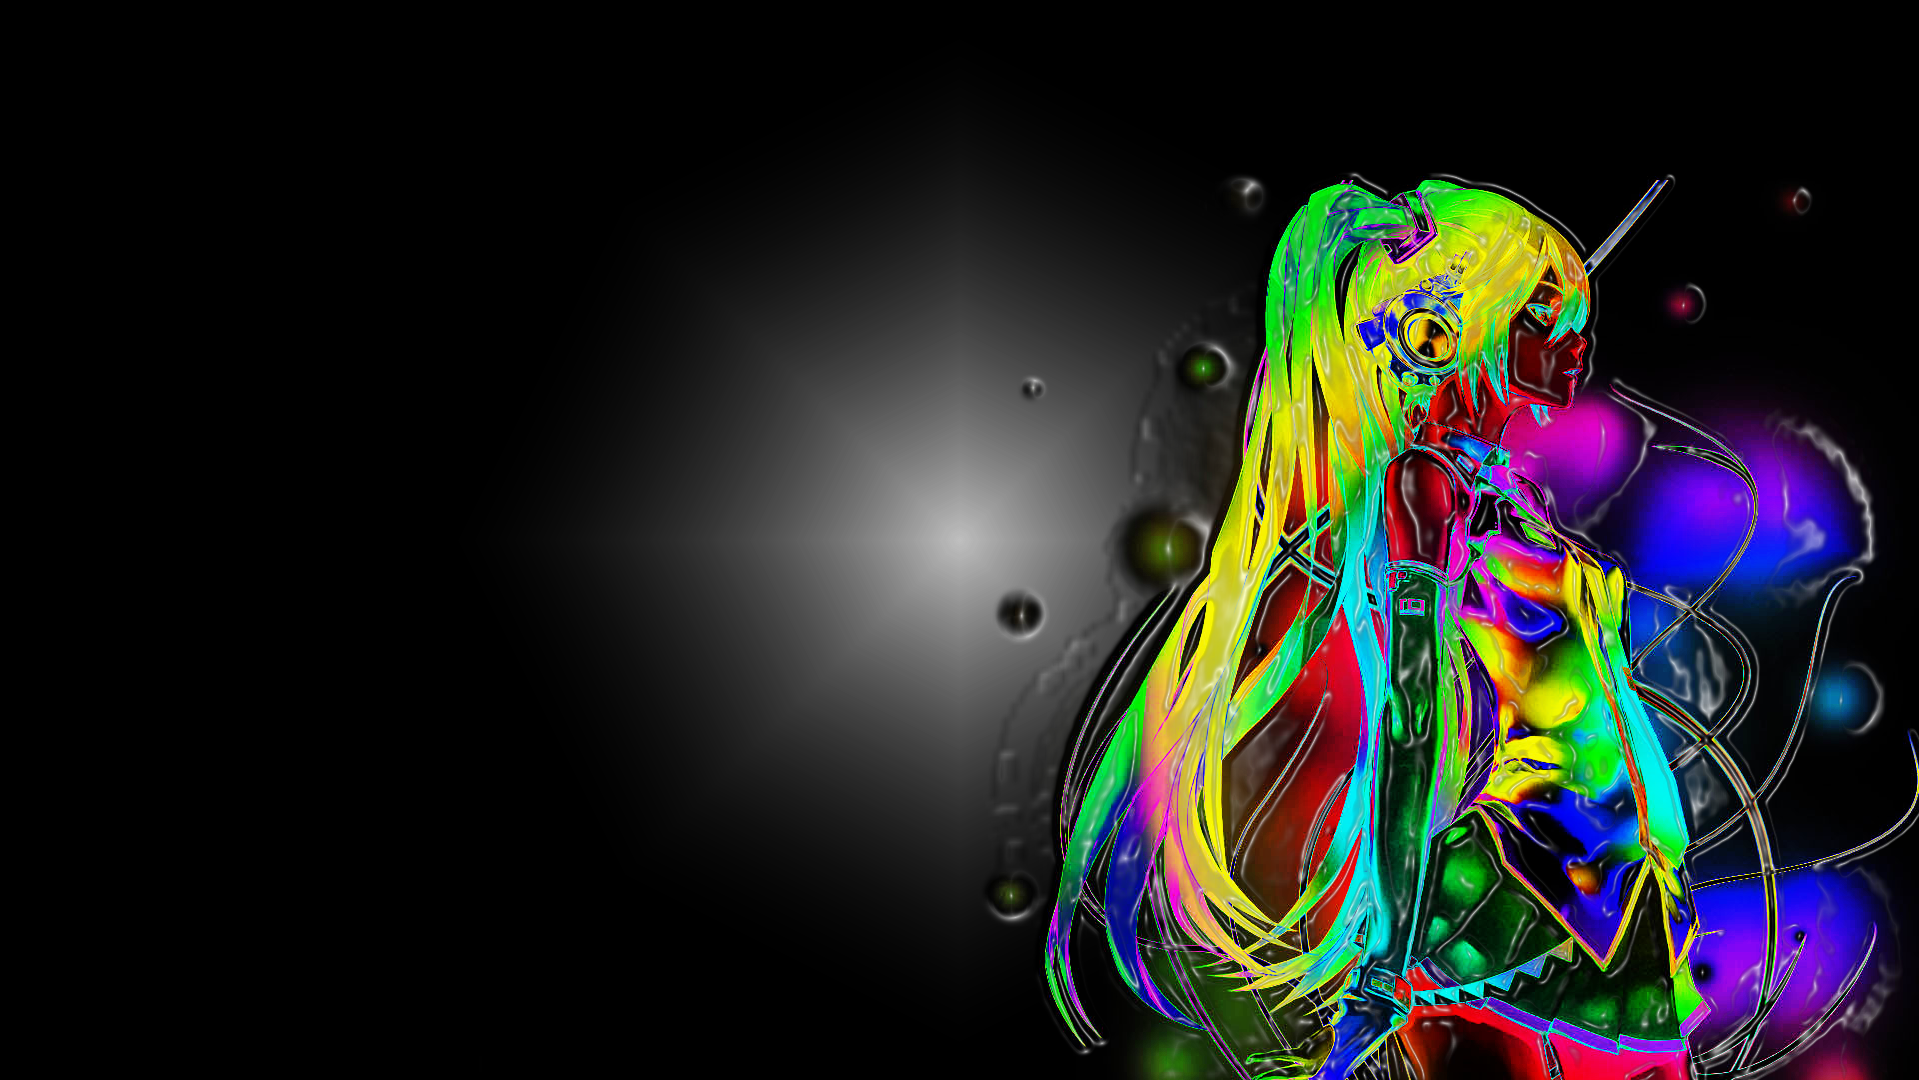 Anime Neon in 3D Computer Wallpapers Desktop Backgrounds 1919x1080 1919x1080